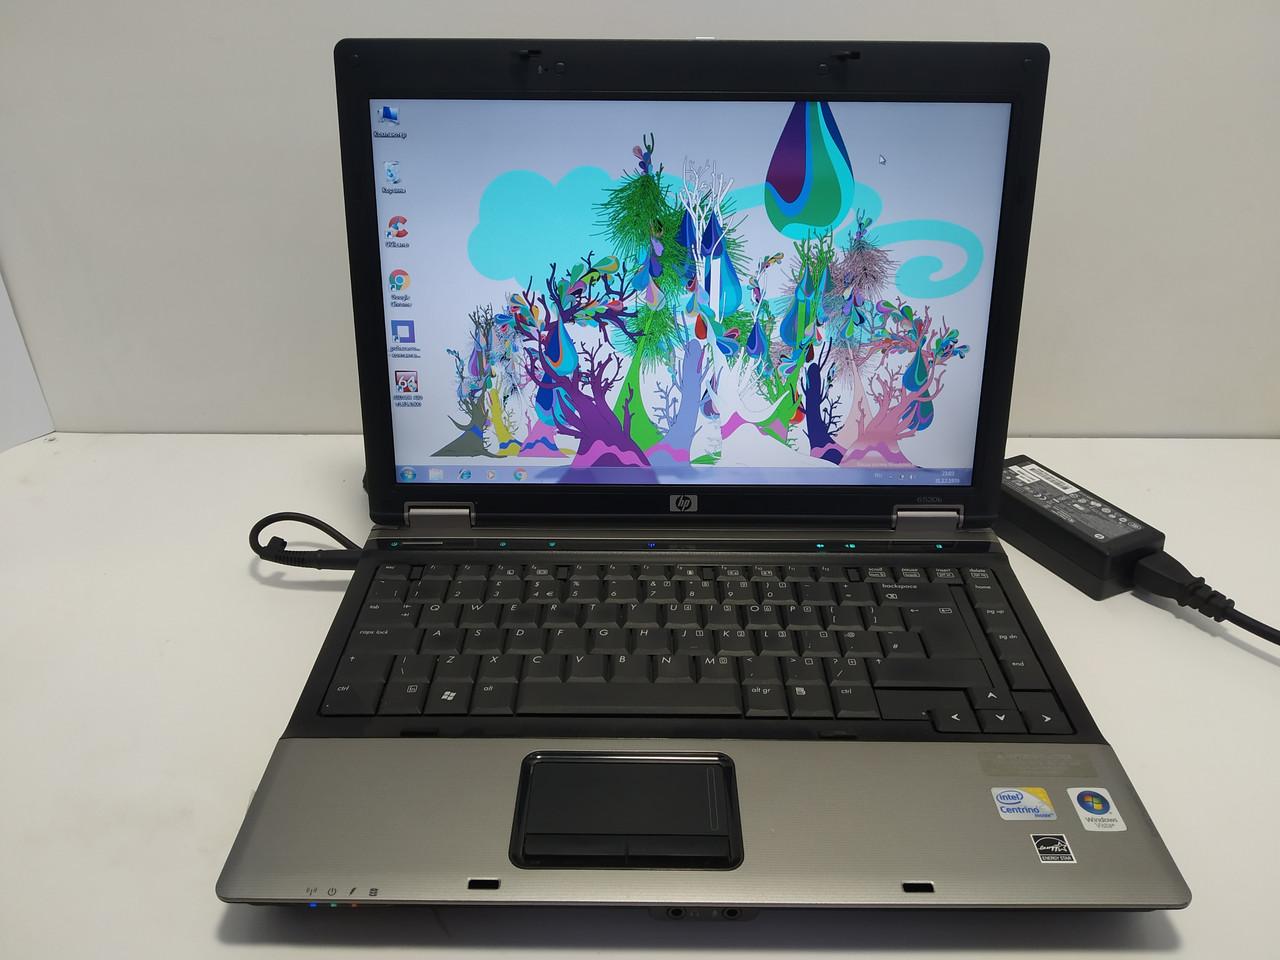 """14.1"""" HP Compaq 6530b, Intel 2 ядра p8400 2.26, 2 ГБ ОЗУ, 120 ГБ hdd  Батарея до 2-3 часов\ Настроен"""